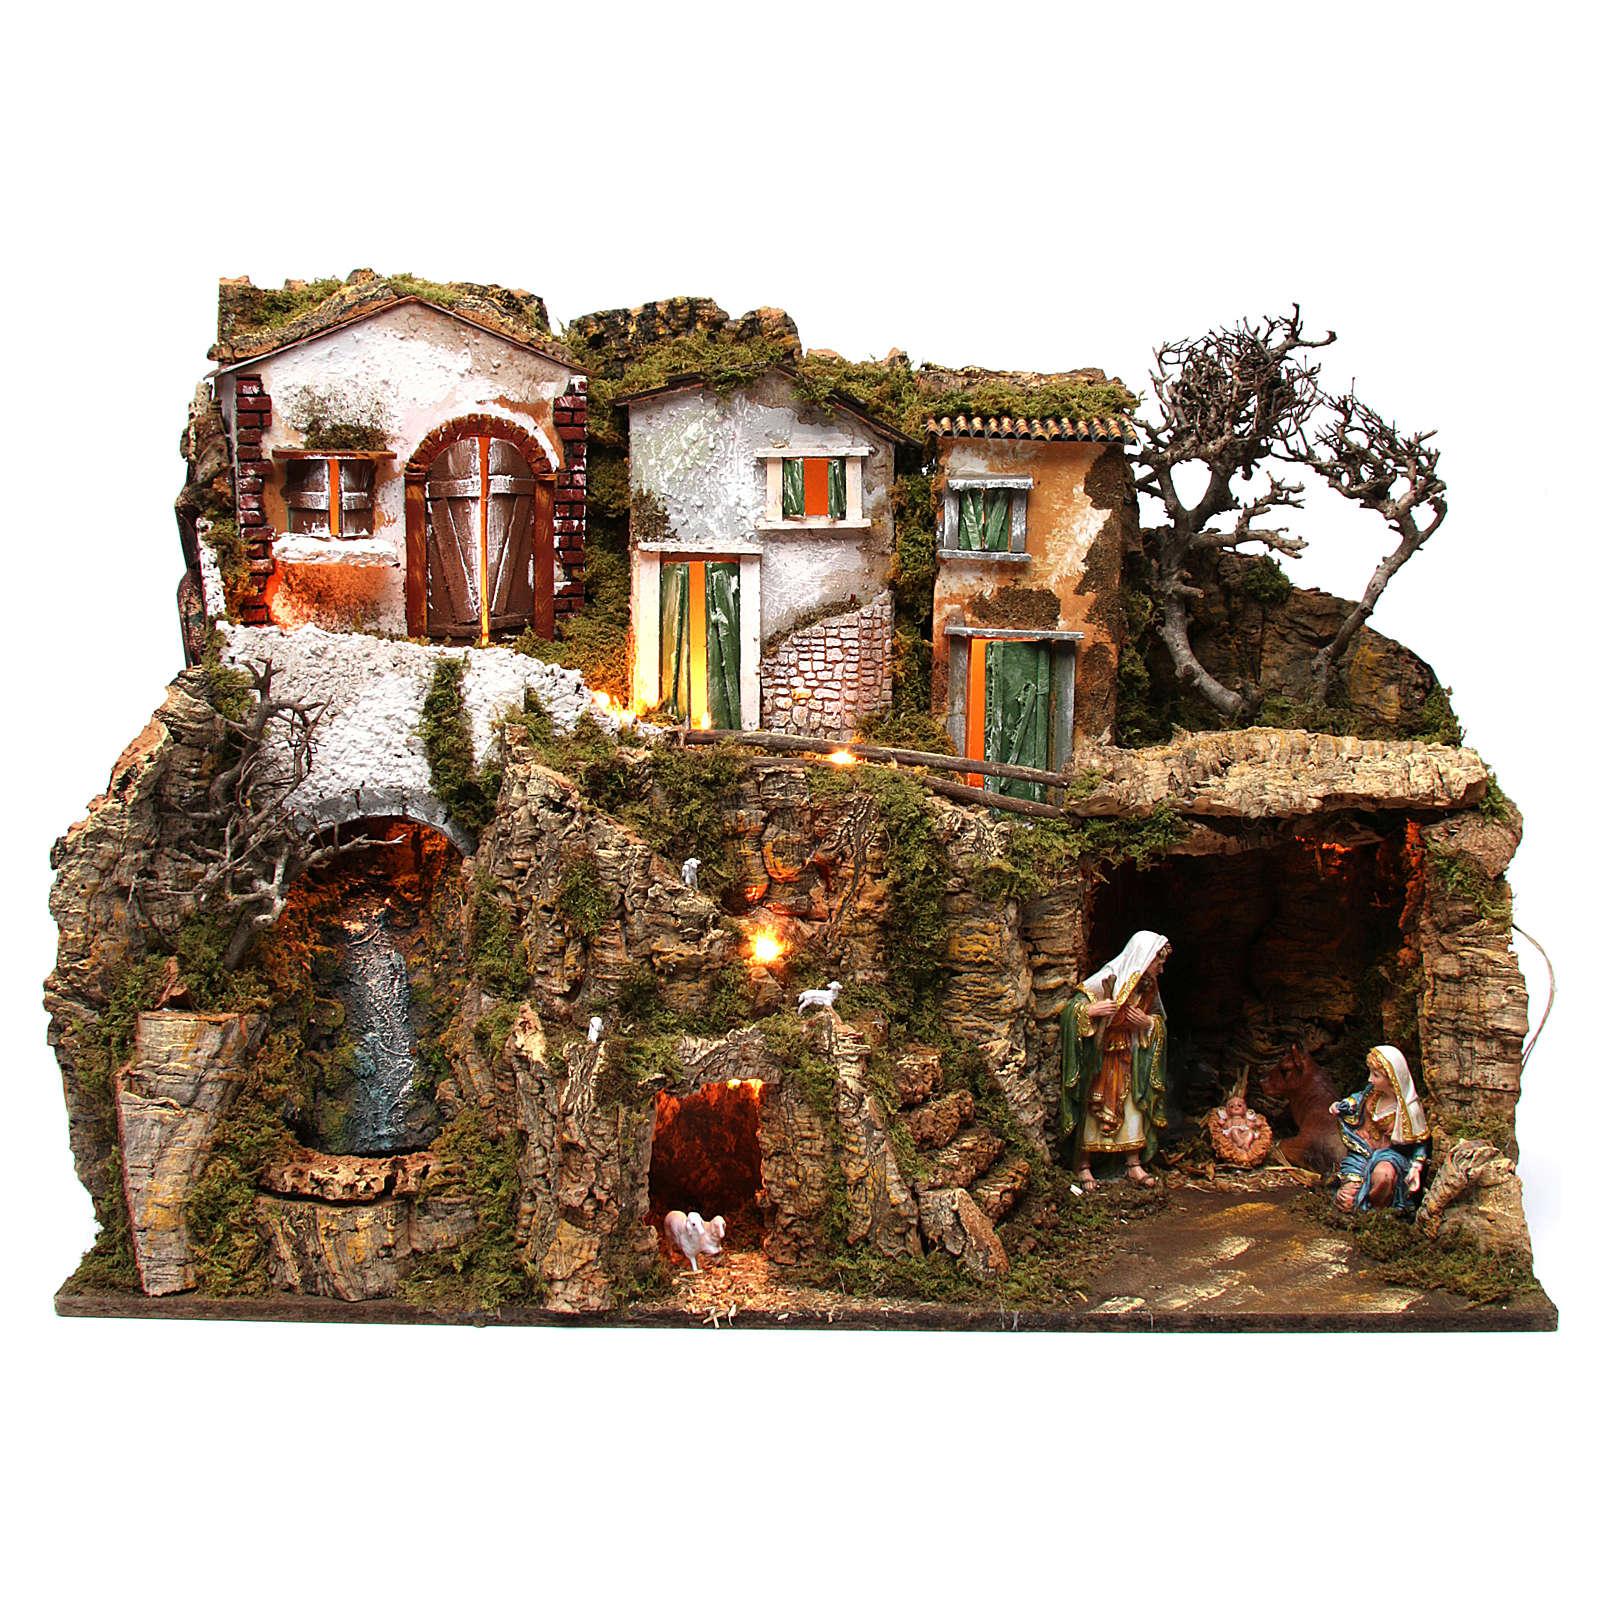 Aldea con cueva y natividad 55x75x40 cm 4